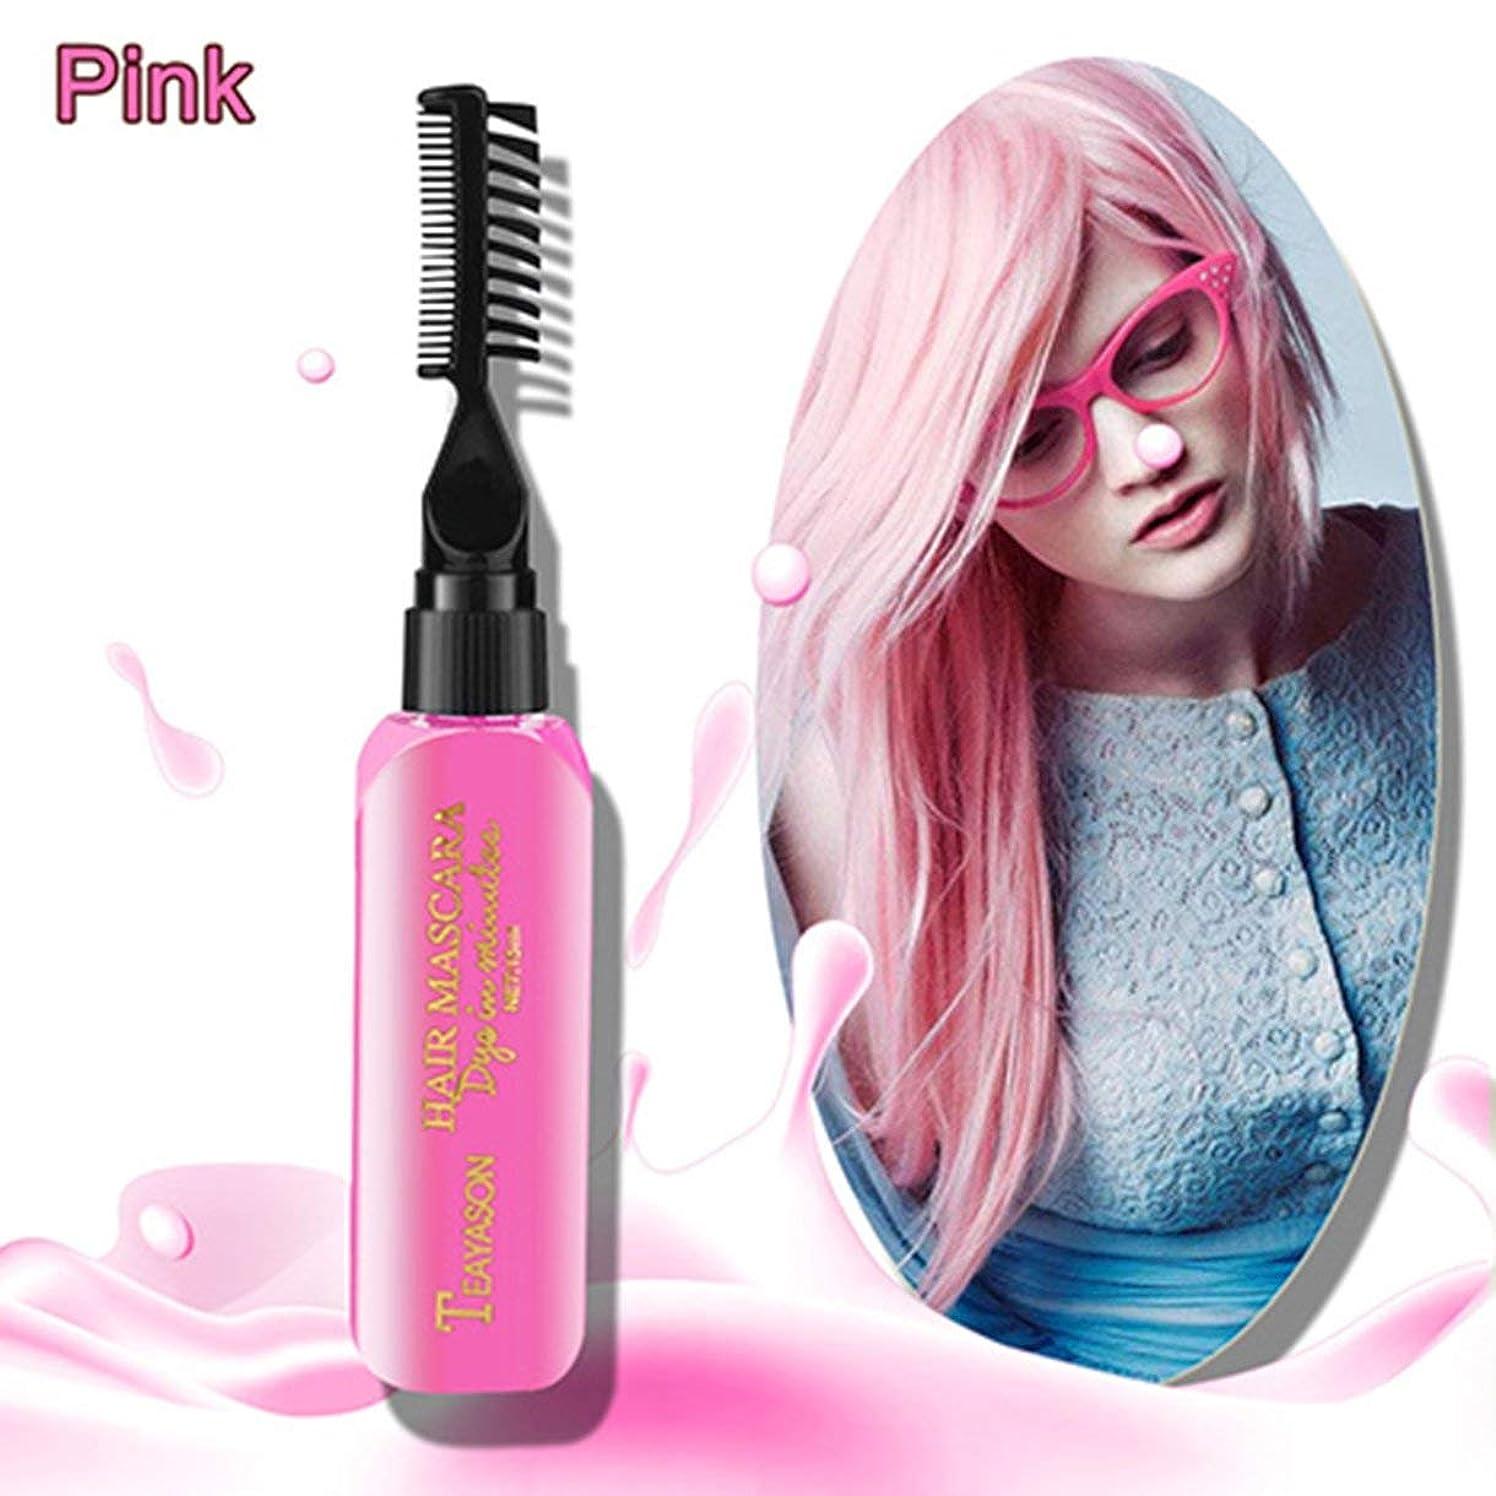 アウター評判静かにブランドDiyの新しい染毛剤の色は痛みを伴わず、簡単にきれいにできます非毒性の一時的な一時的なマスカラヘアクリーム13色-ピンク